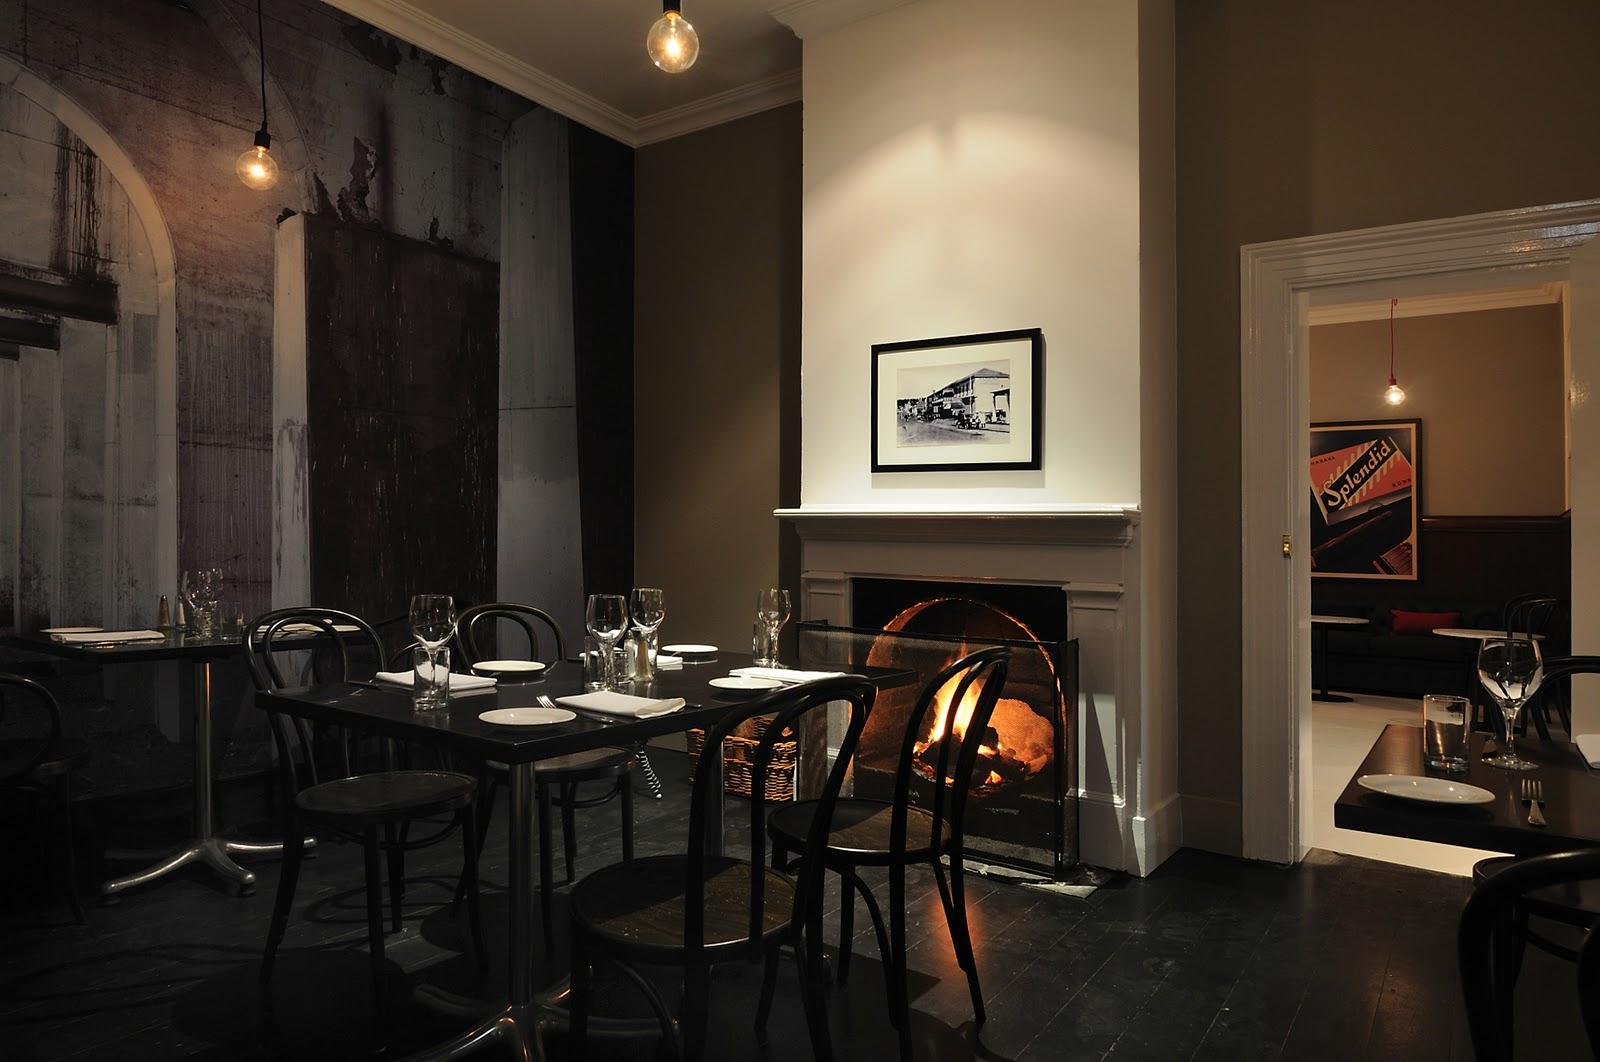 1862 Wine Bar Grill By Samantha Agostino